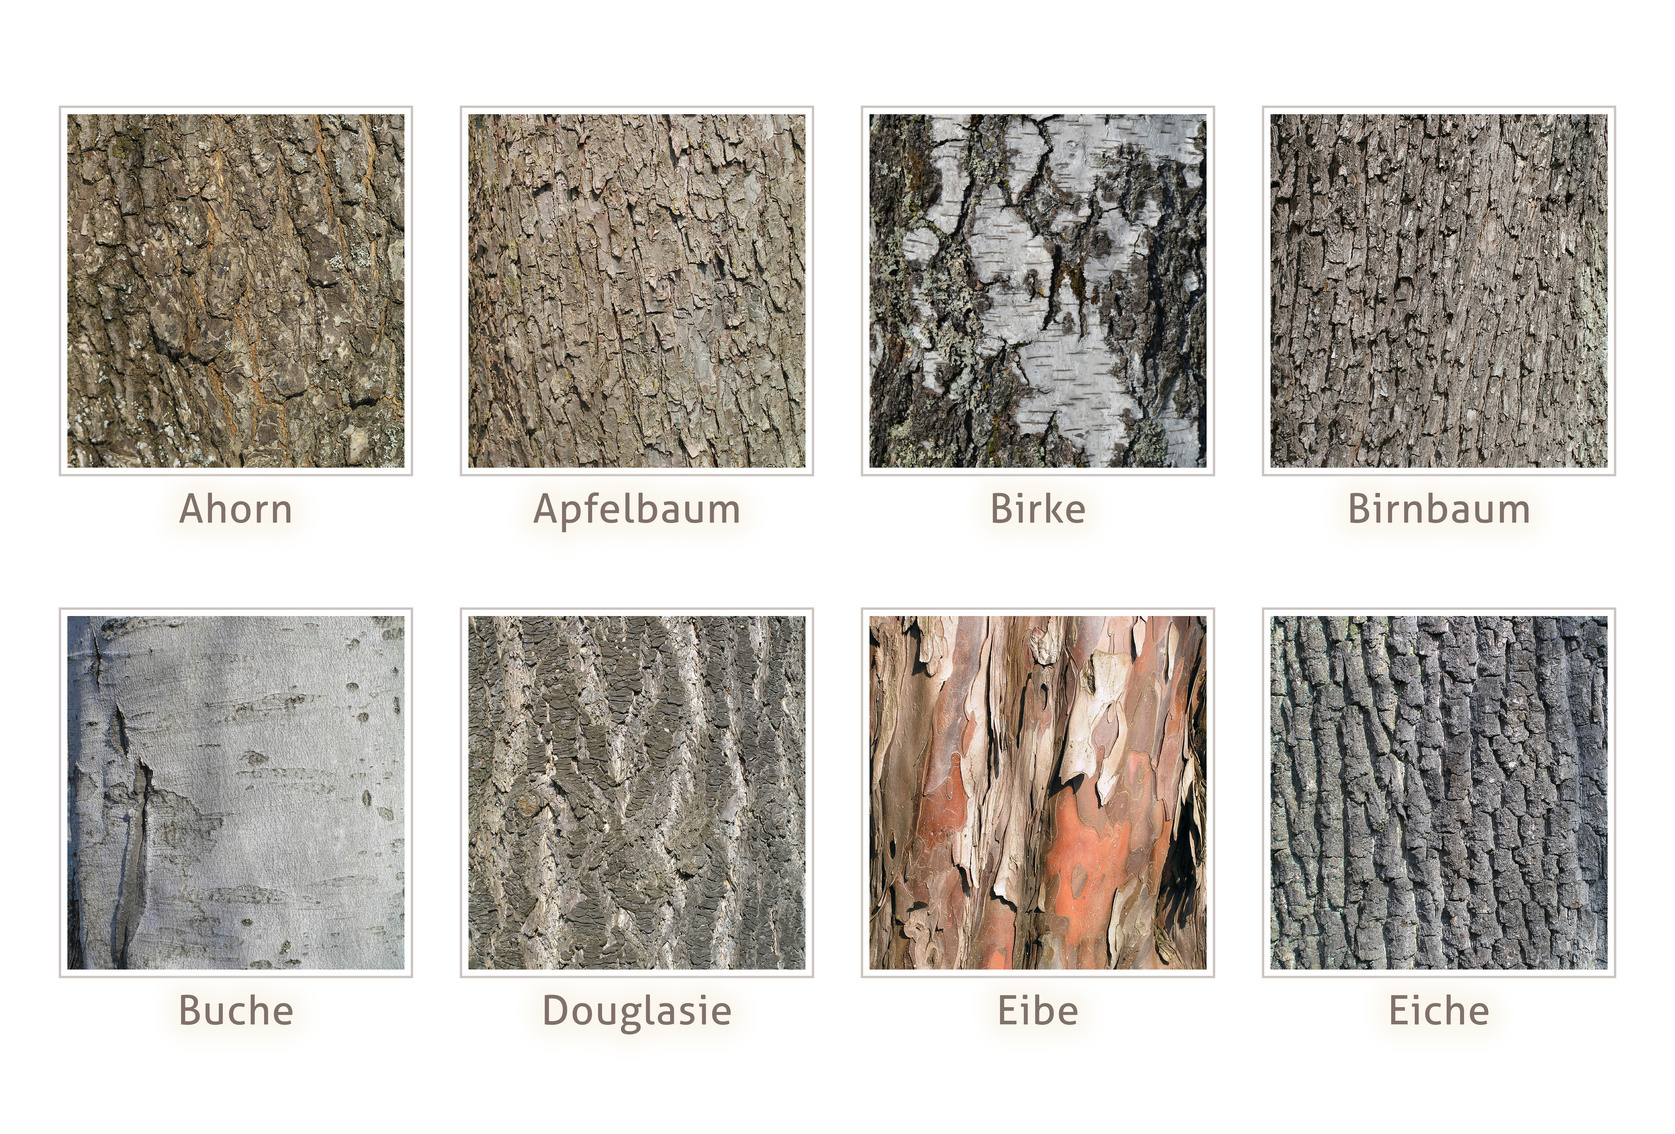 Extrem Holzarten - Eigenschaften, Aussehen und Herkunft YO09